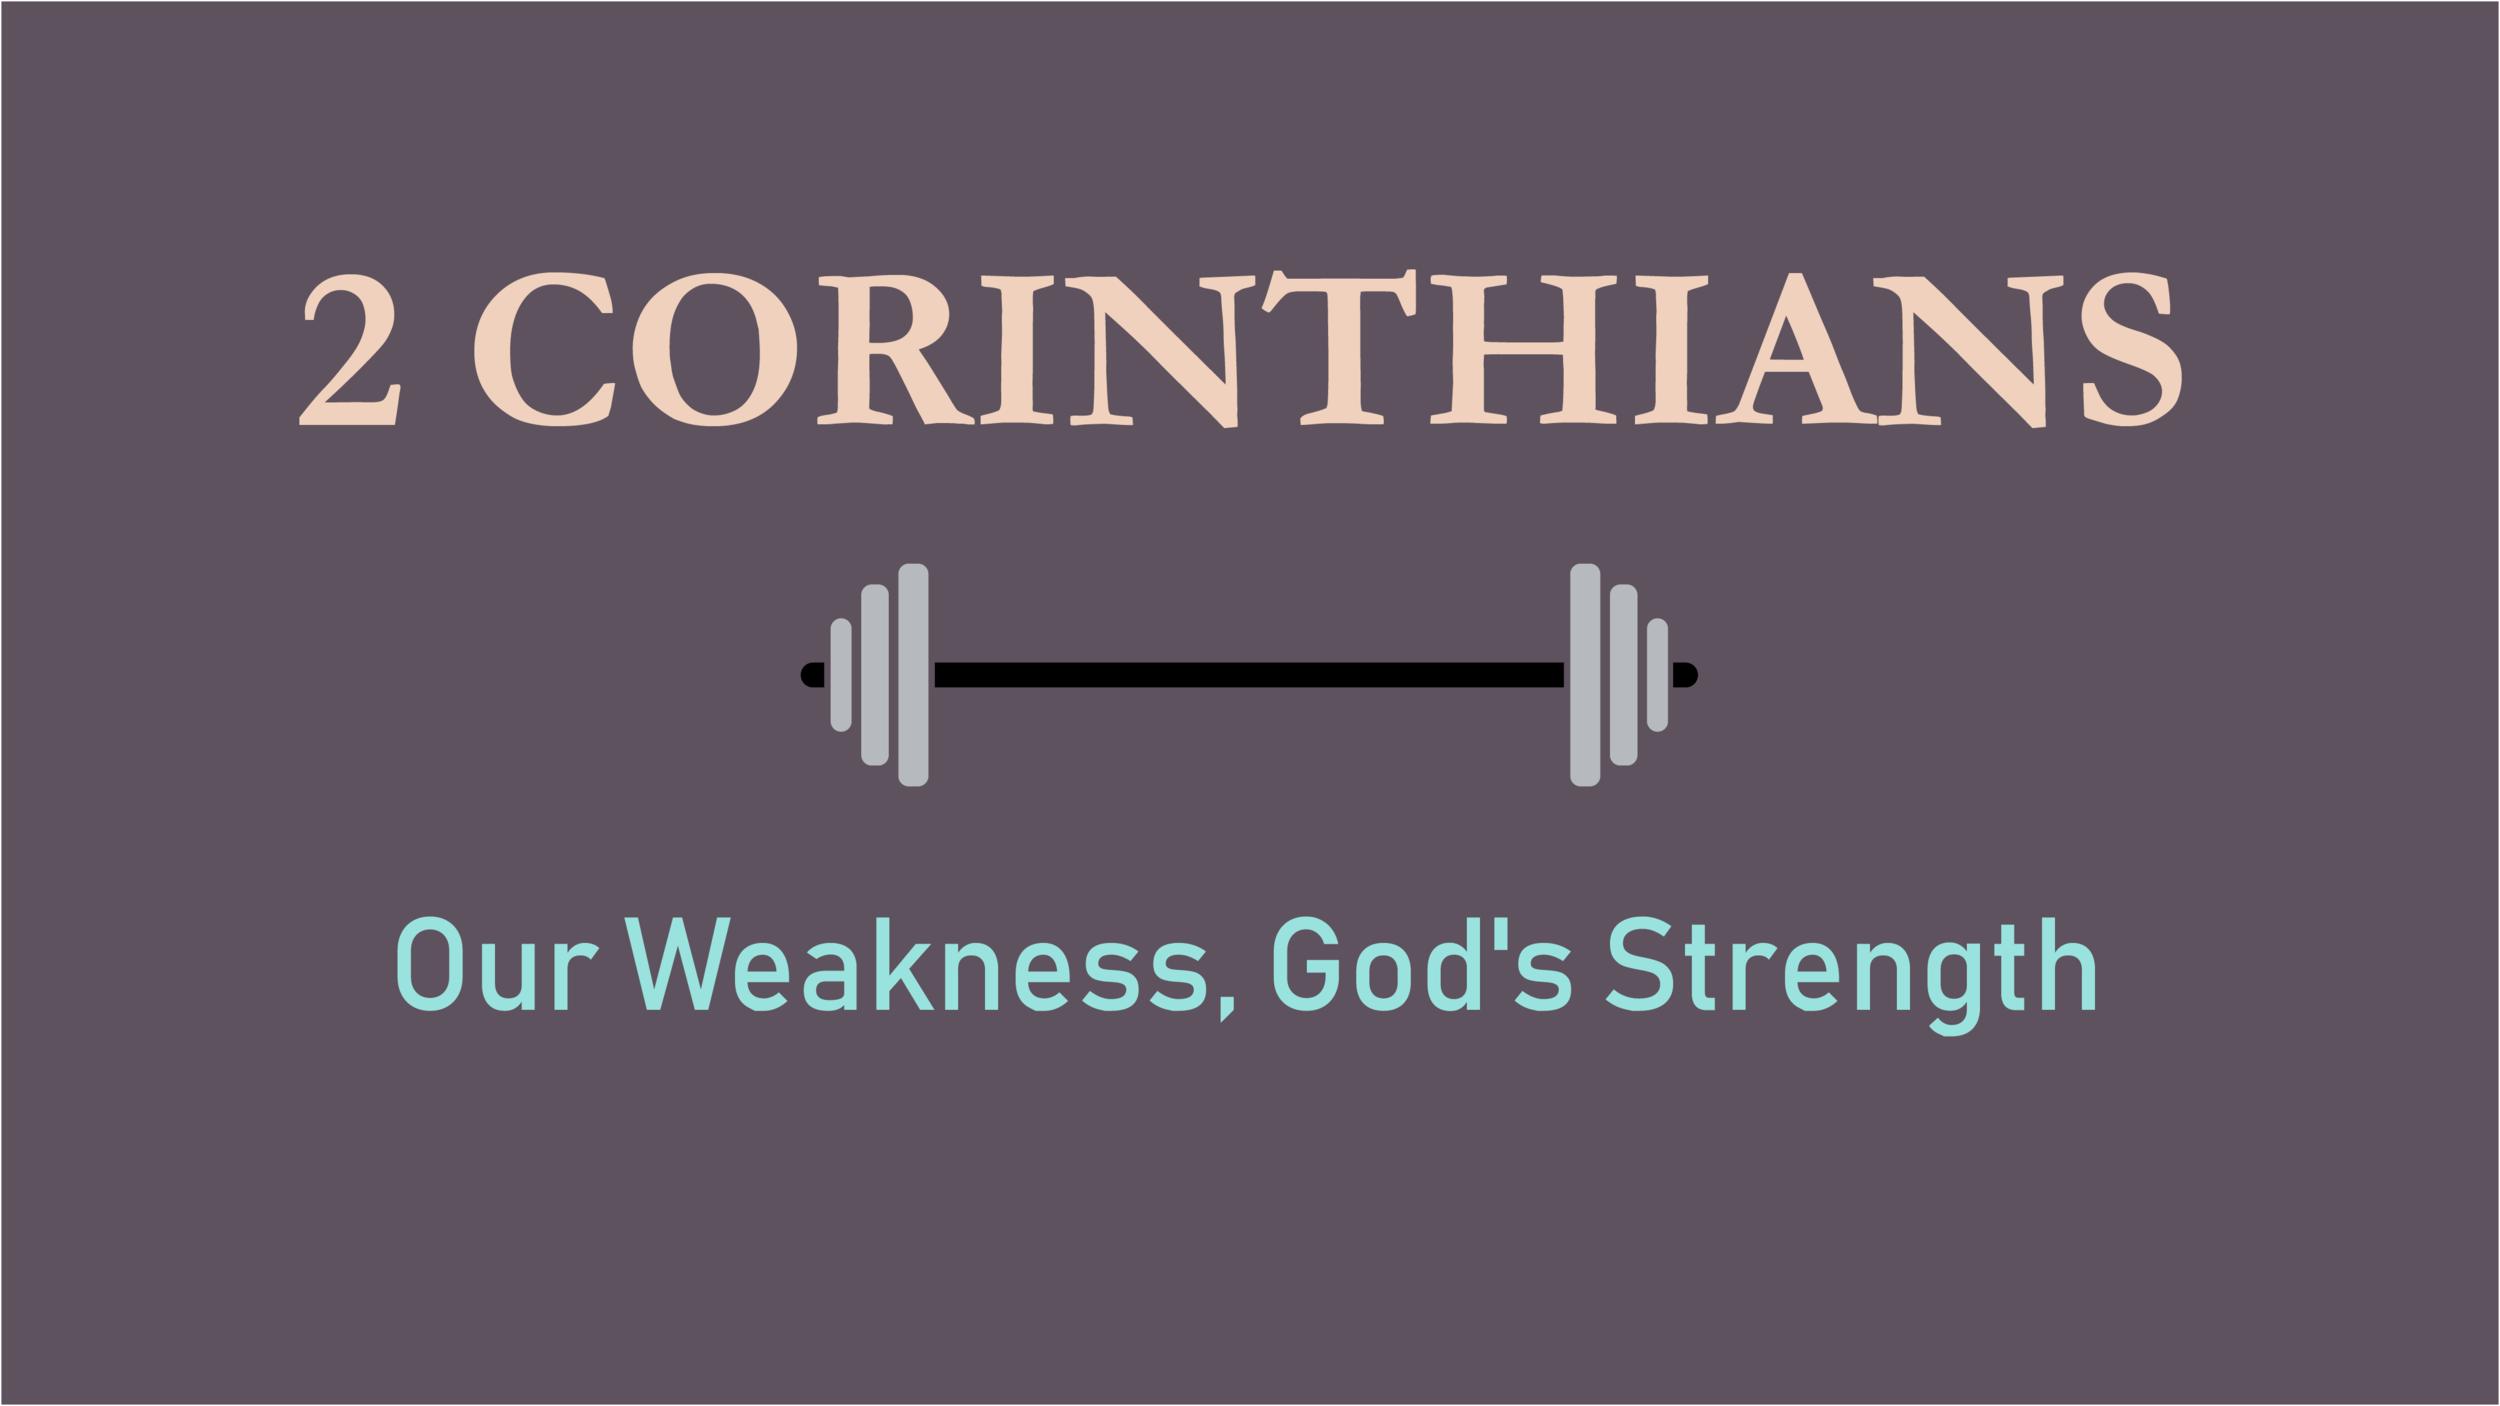 2-corinthians-01.png